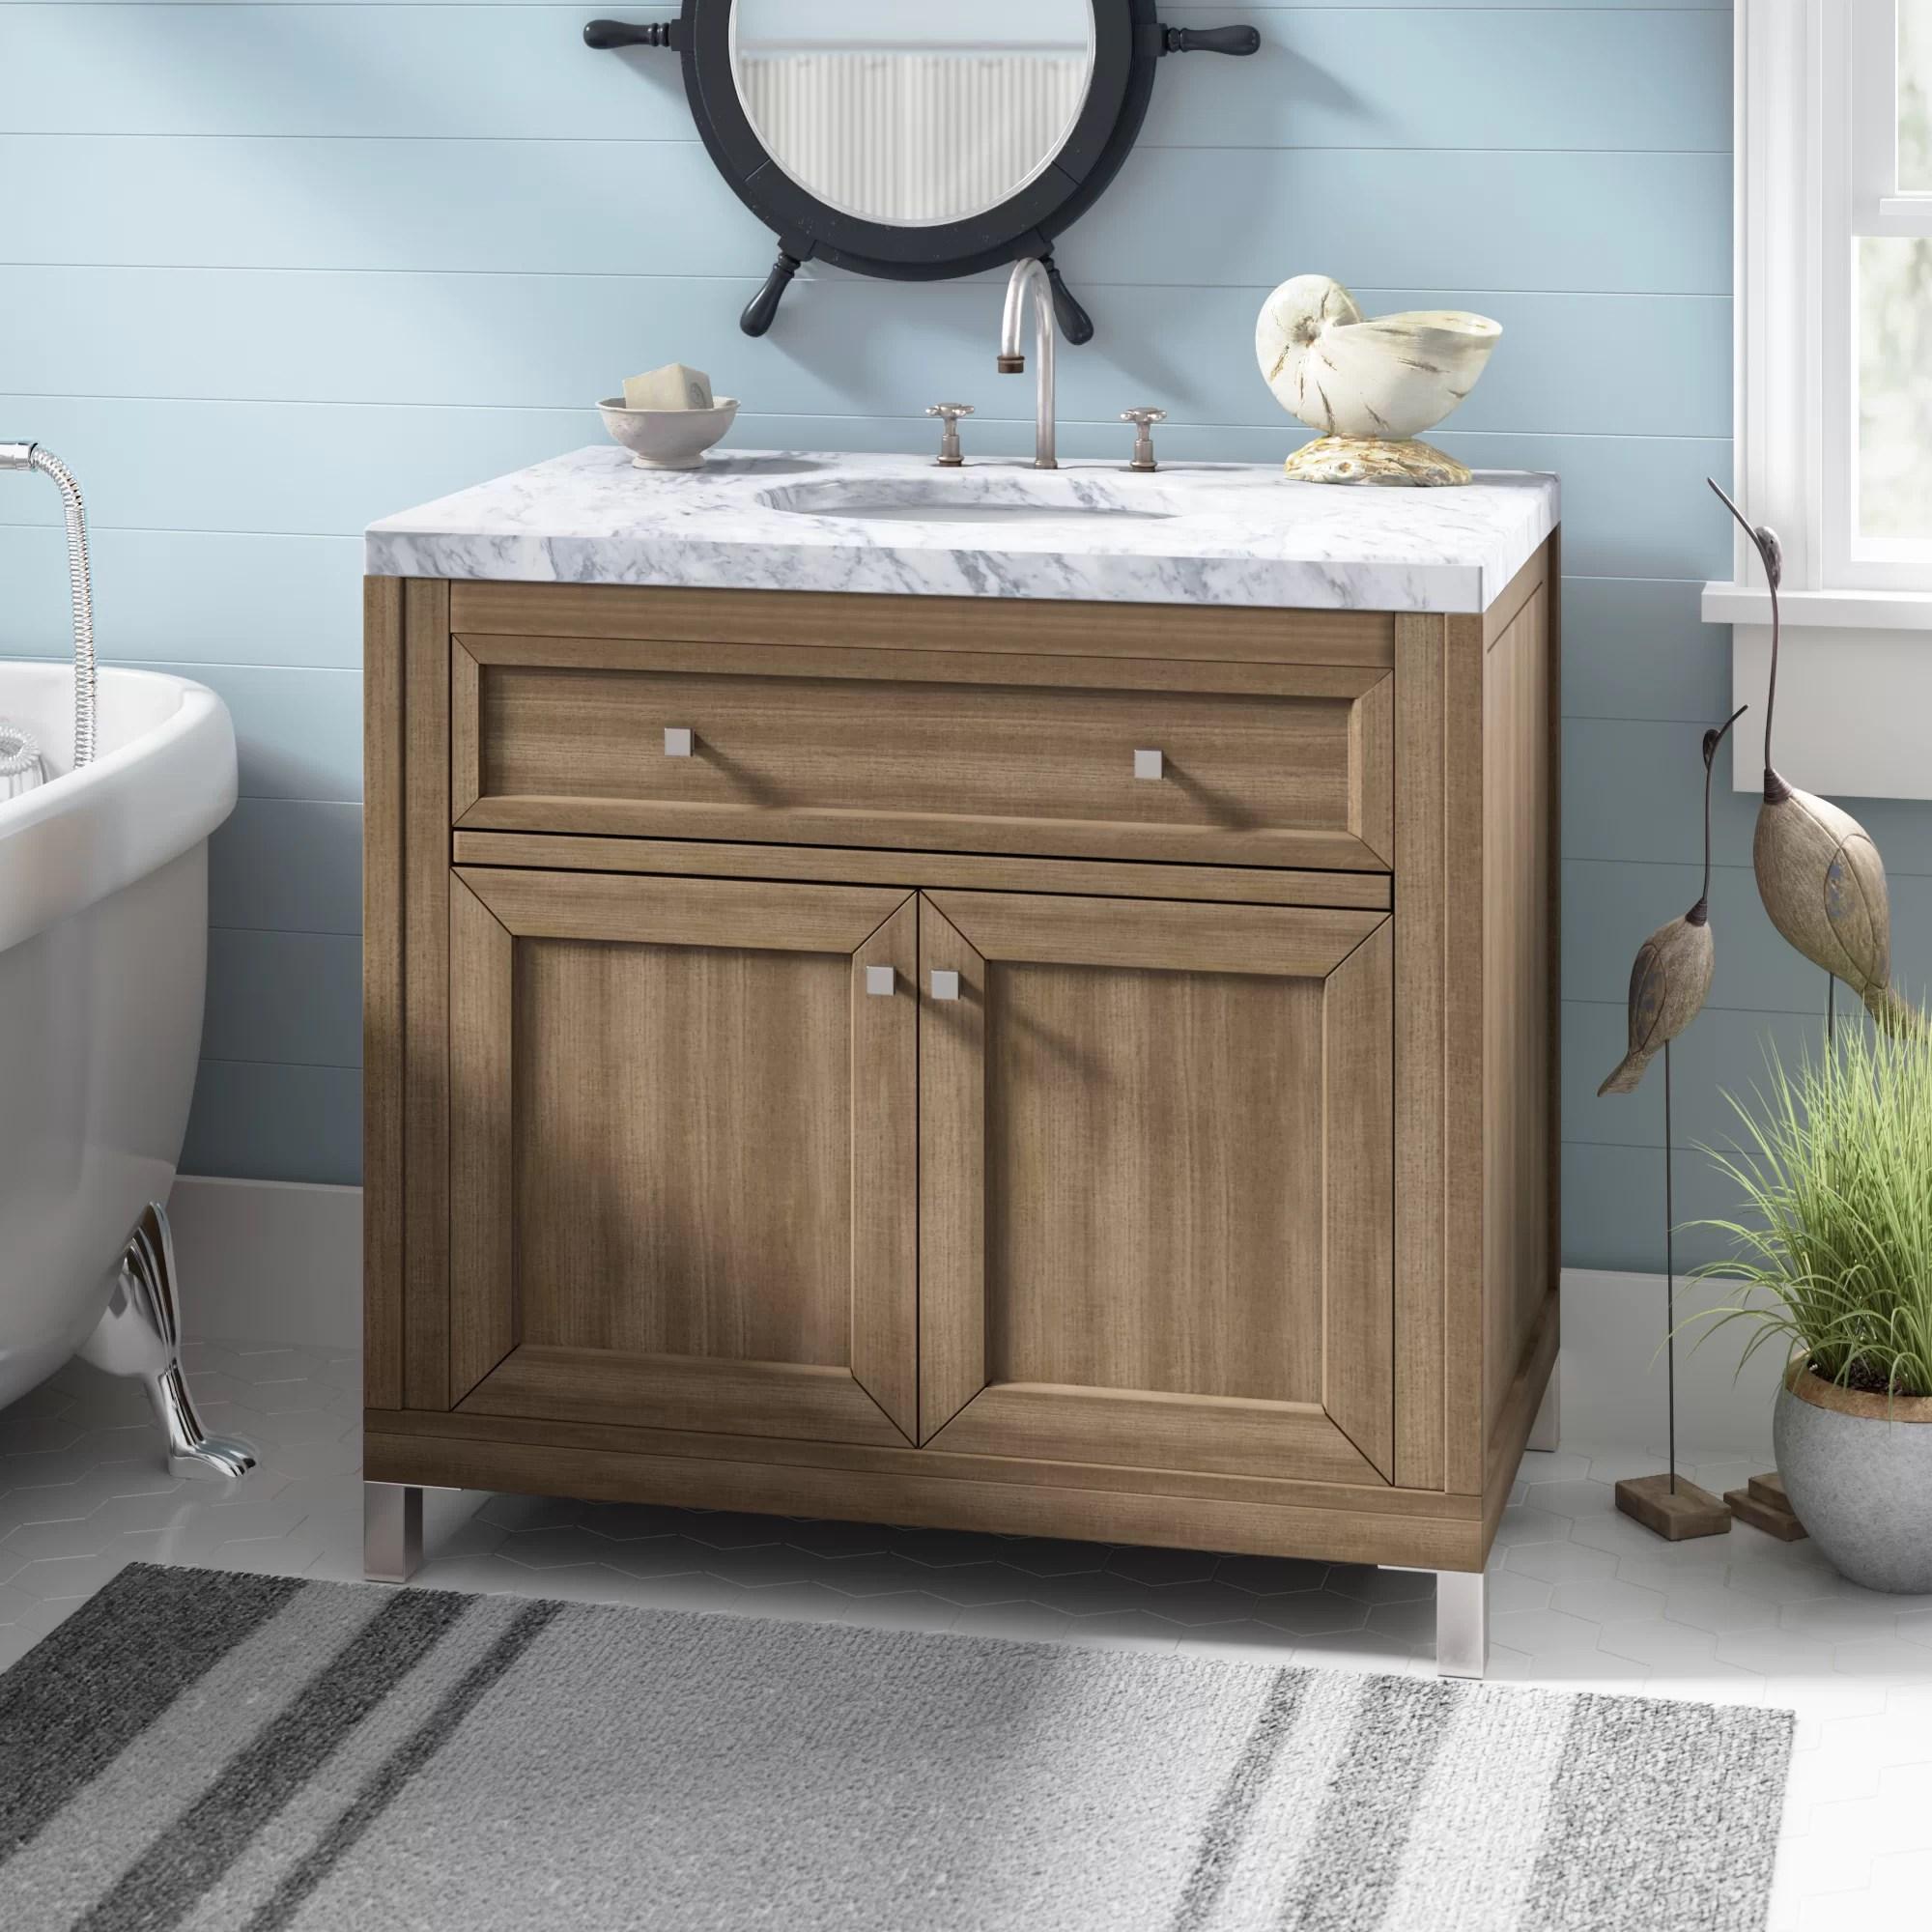 Brayden Studio Whitworth 36 Wall Mounted Single Bathroom Vanity Set